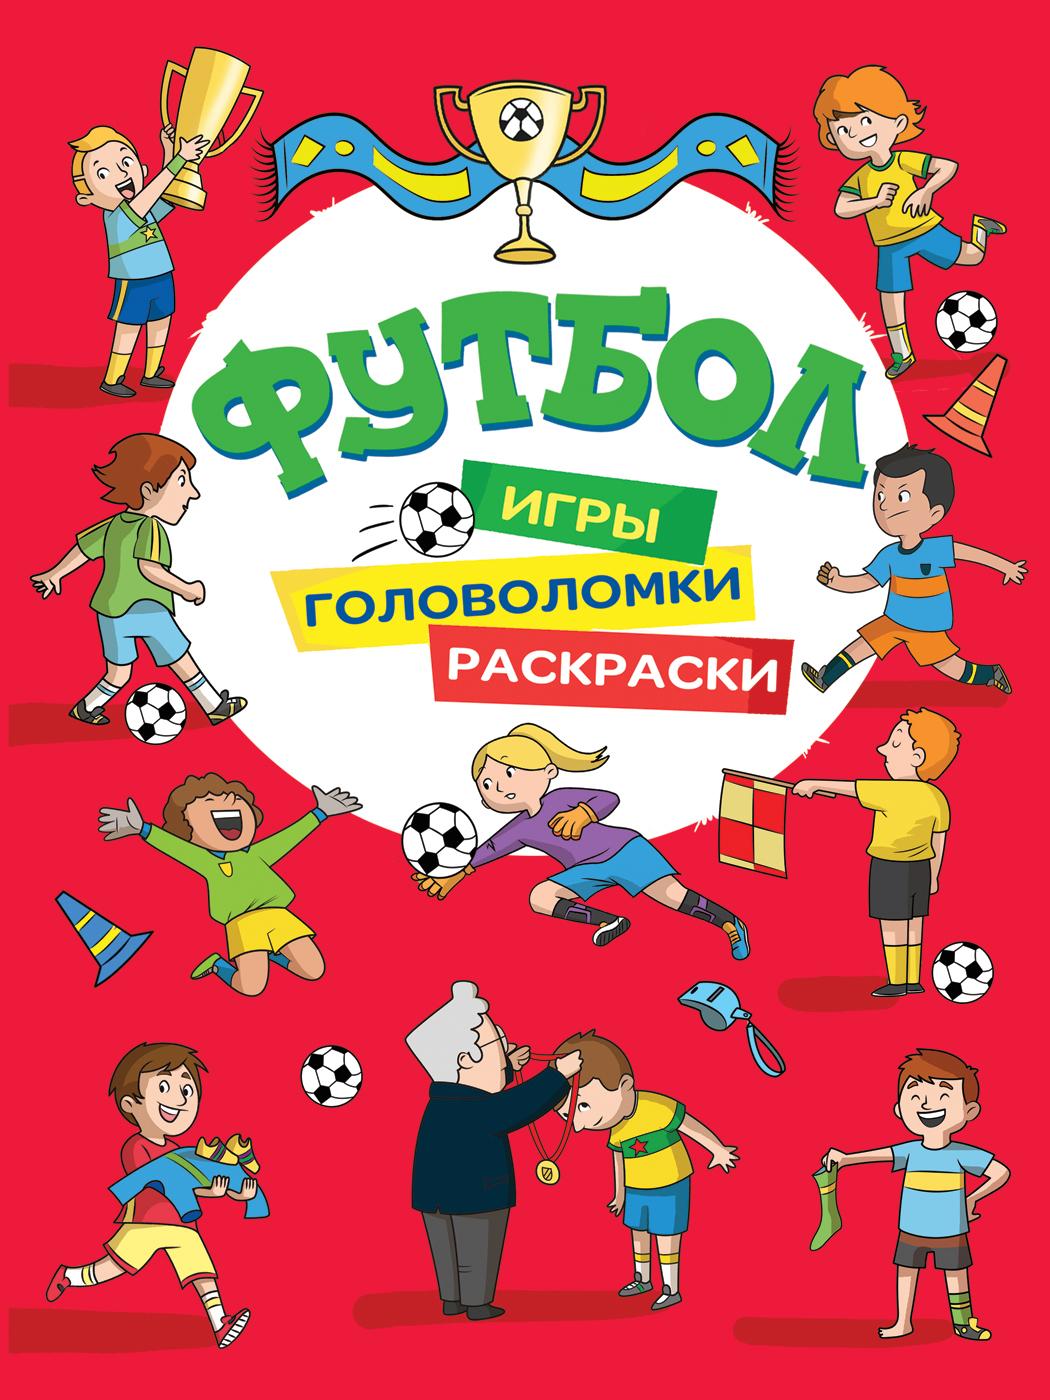 Н. И. Котятова Футбол. Игры, раскраски, головоломки